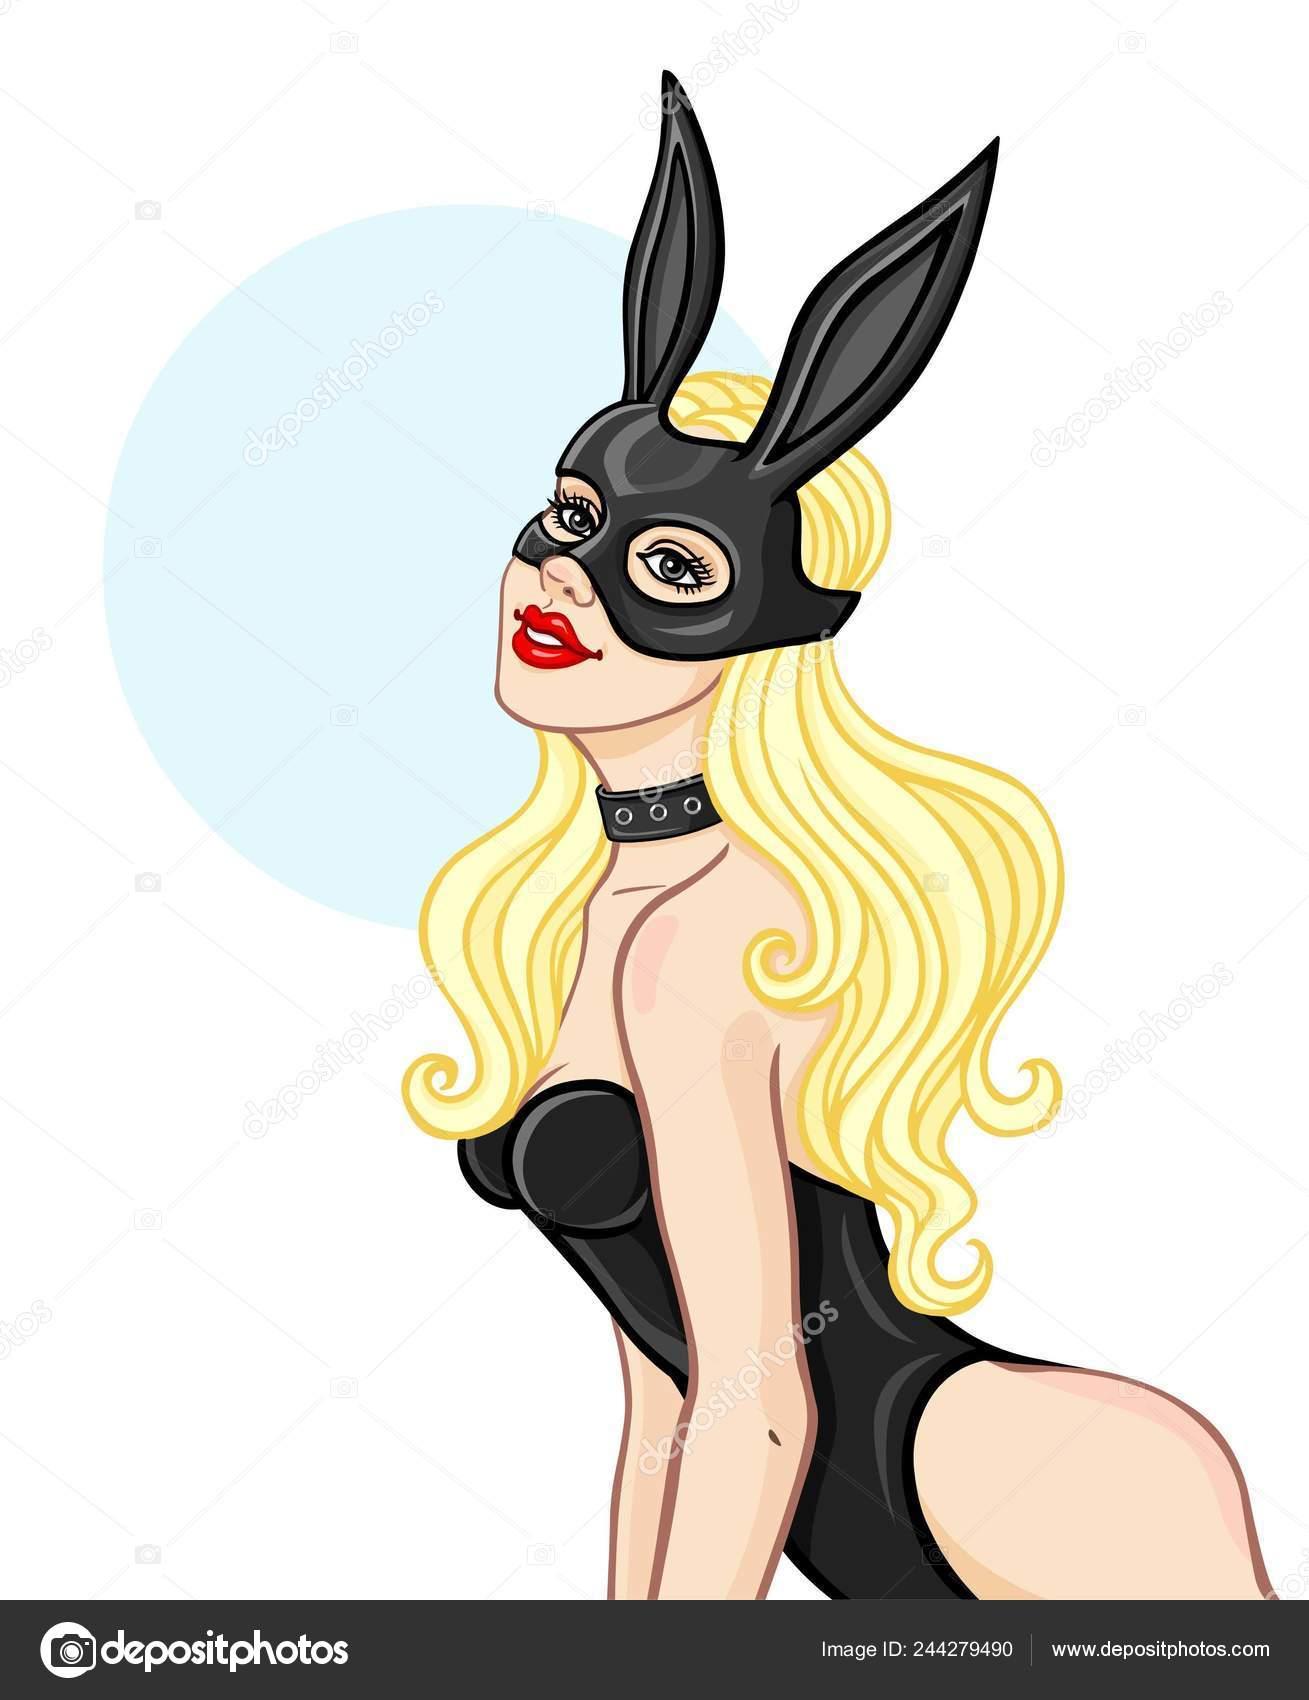 animacje z kreskówek erotycznych duże czarne nagie kobiety